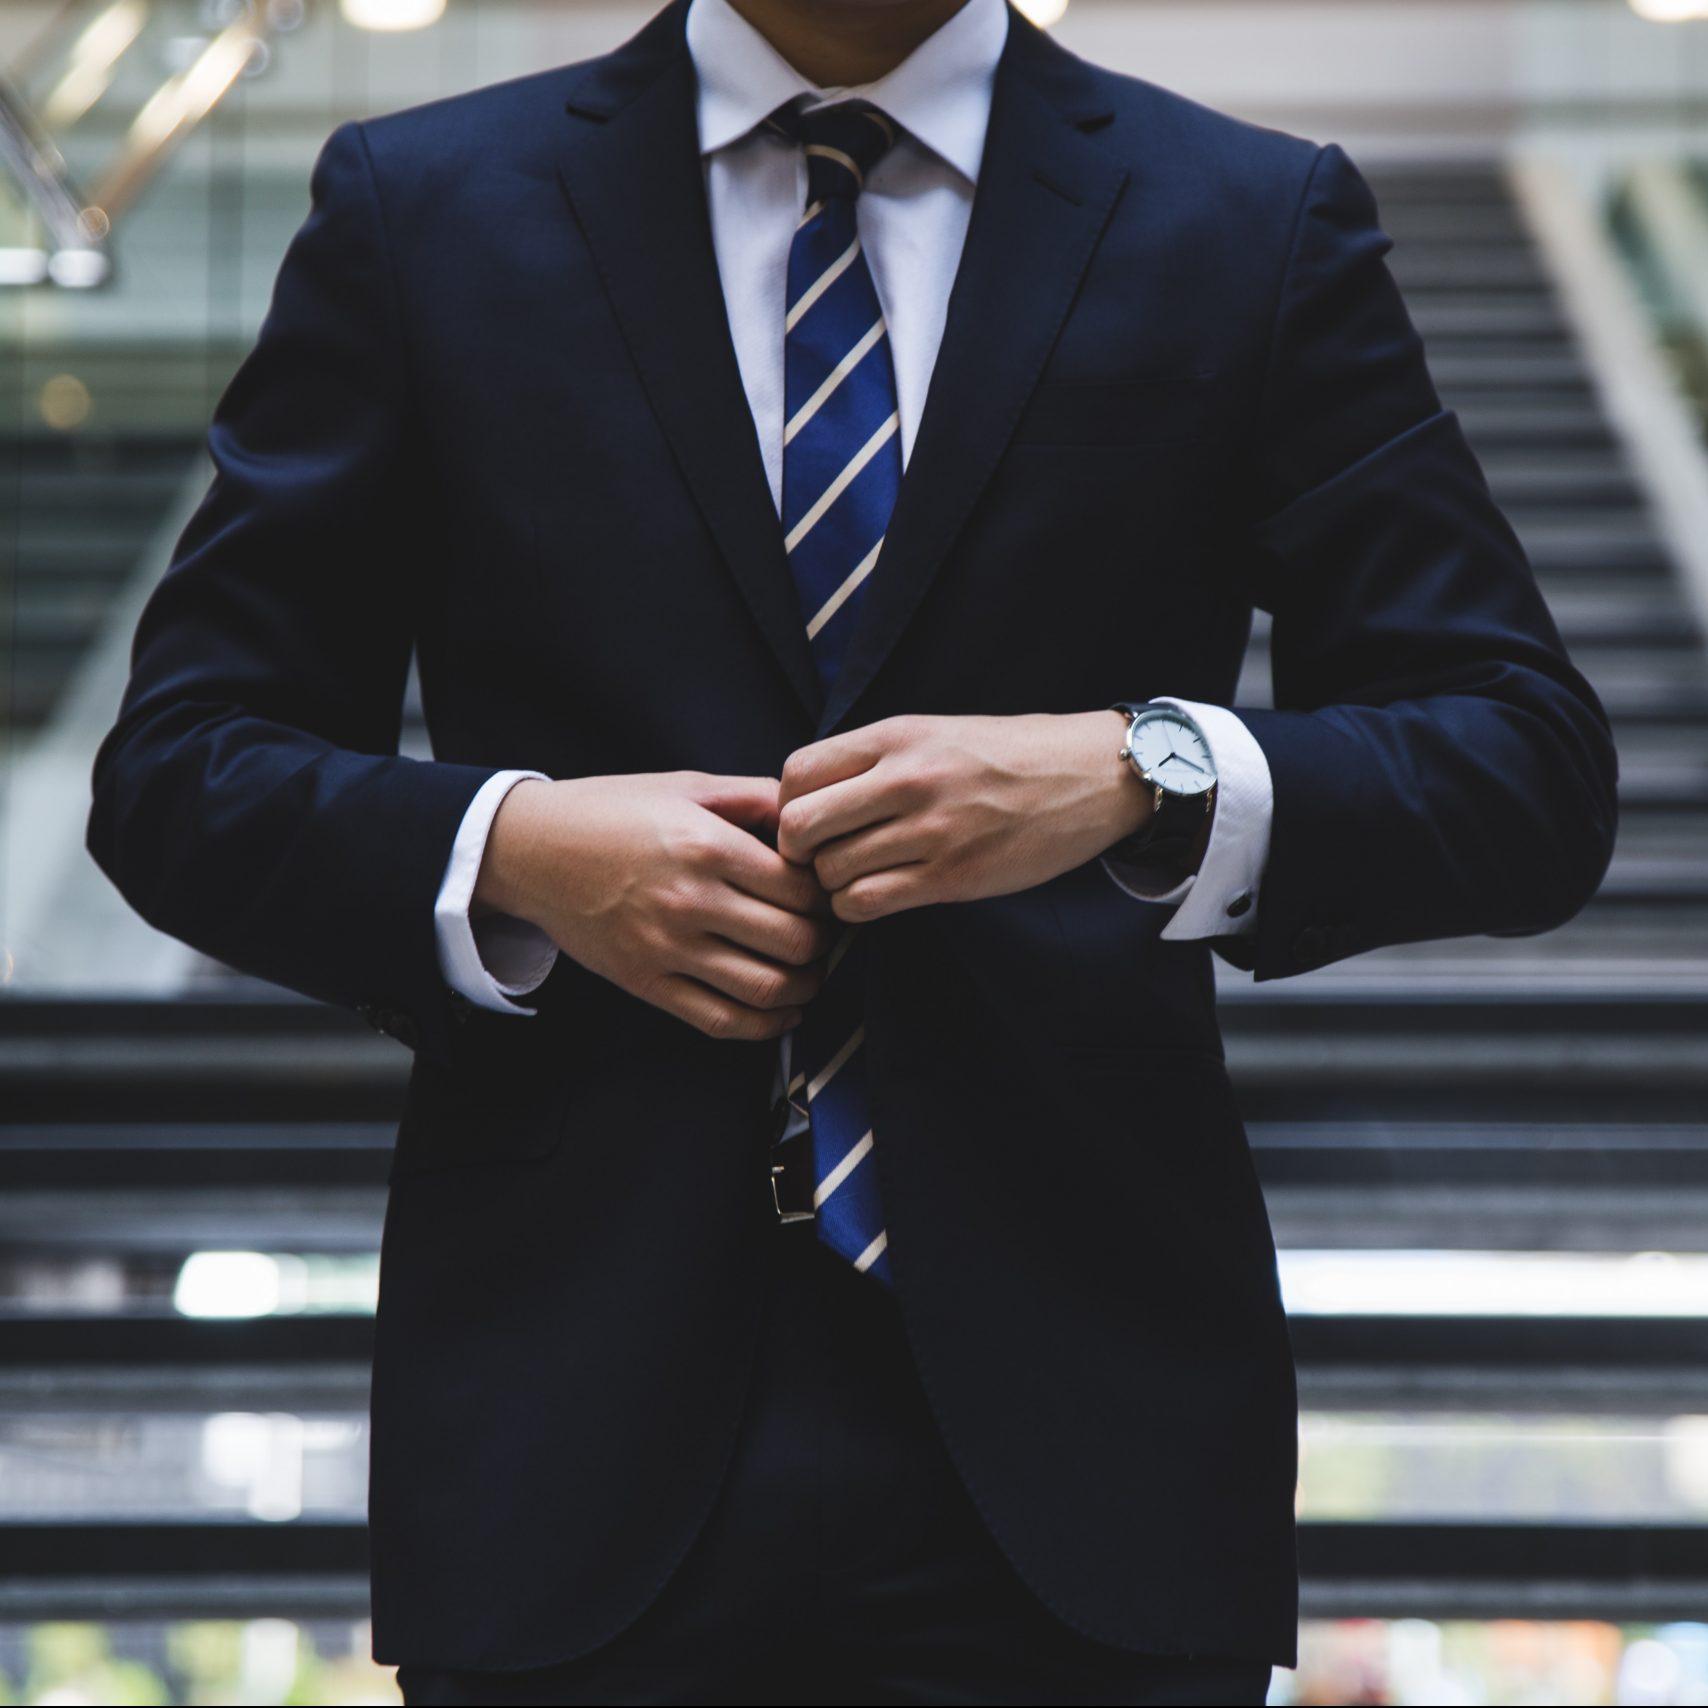 Kaip formuoti įmonės įvaizdį?